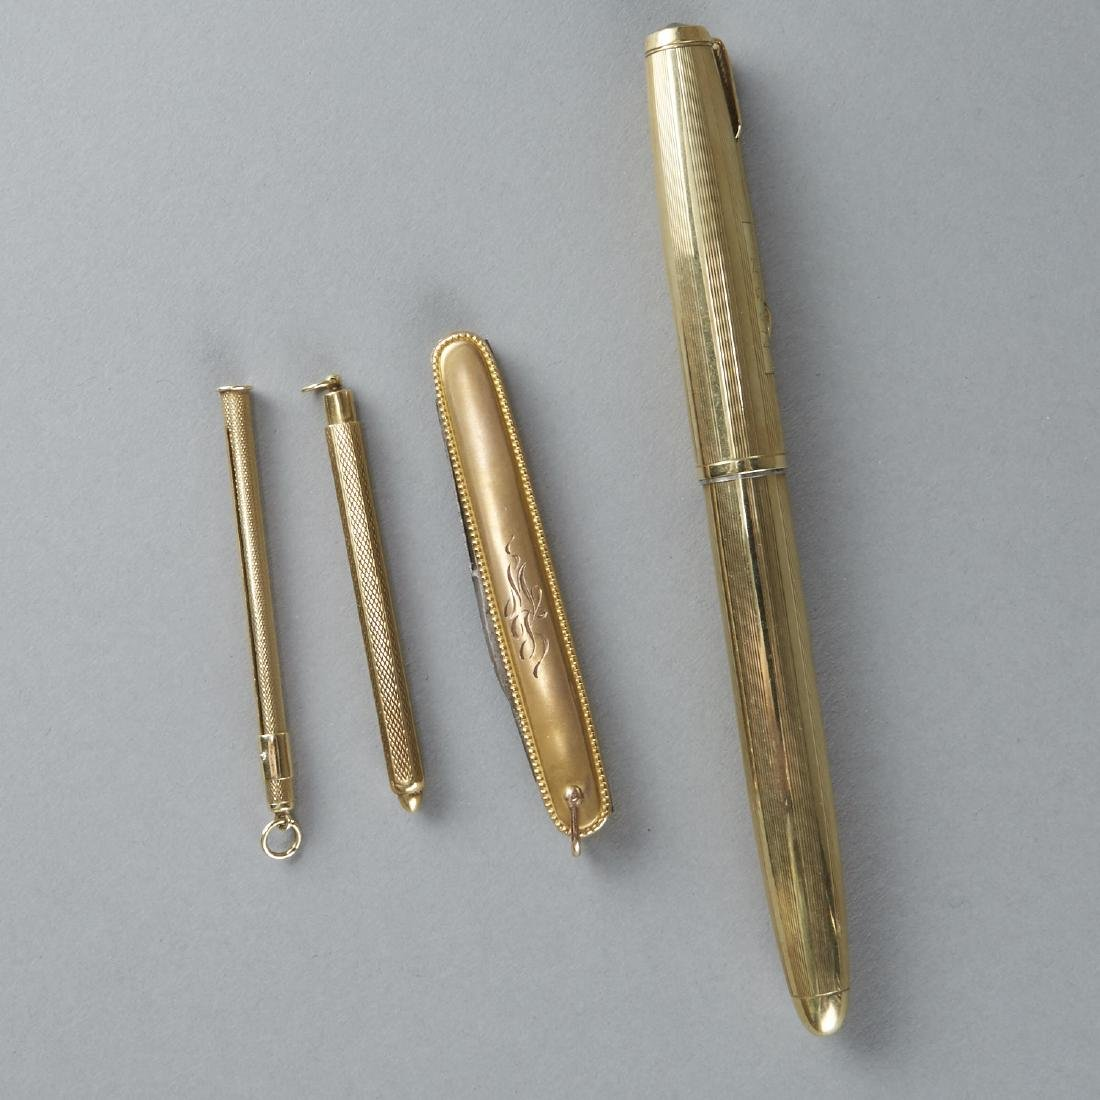 Set of 4 Gold Utensils